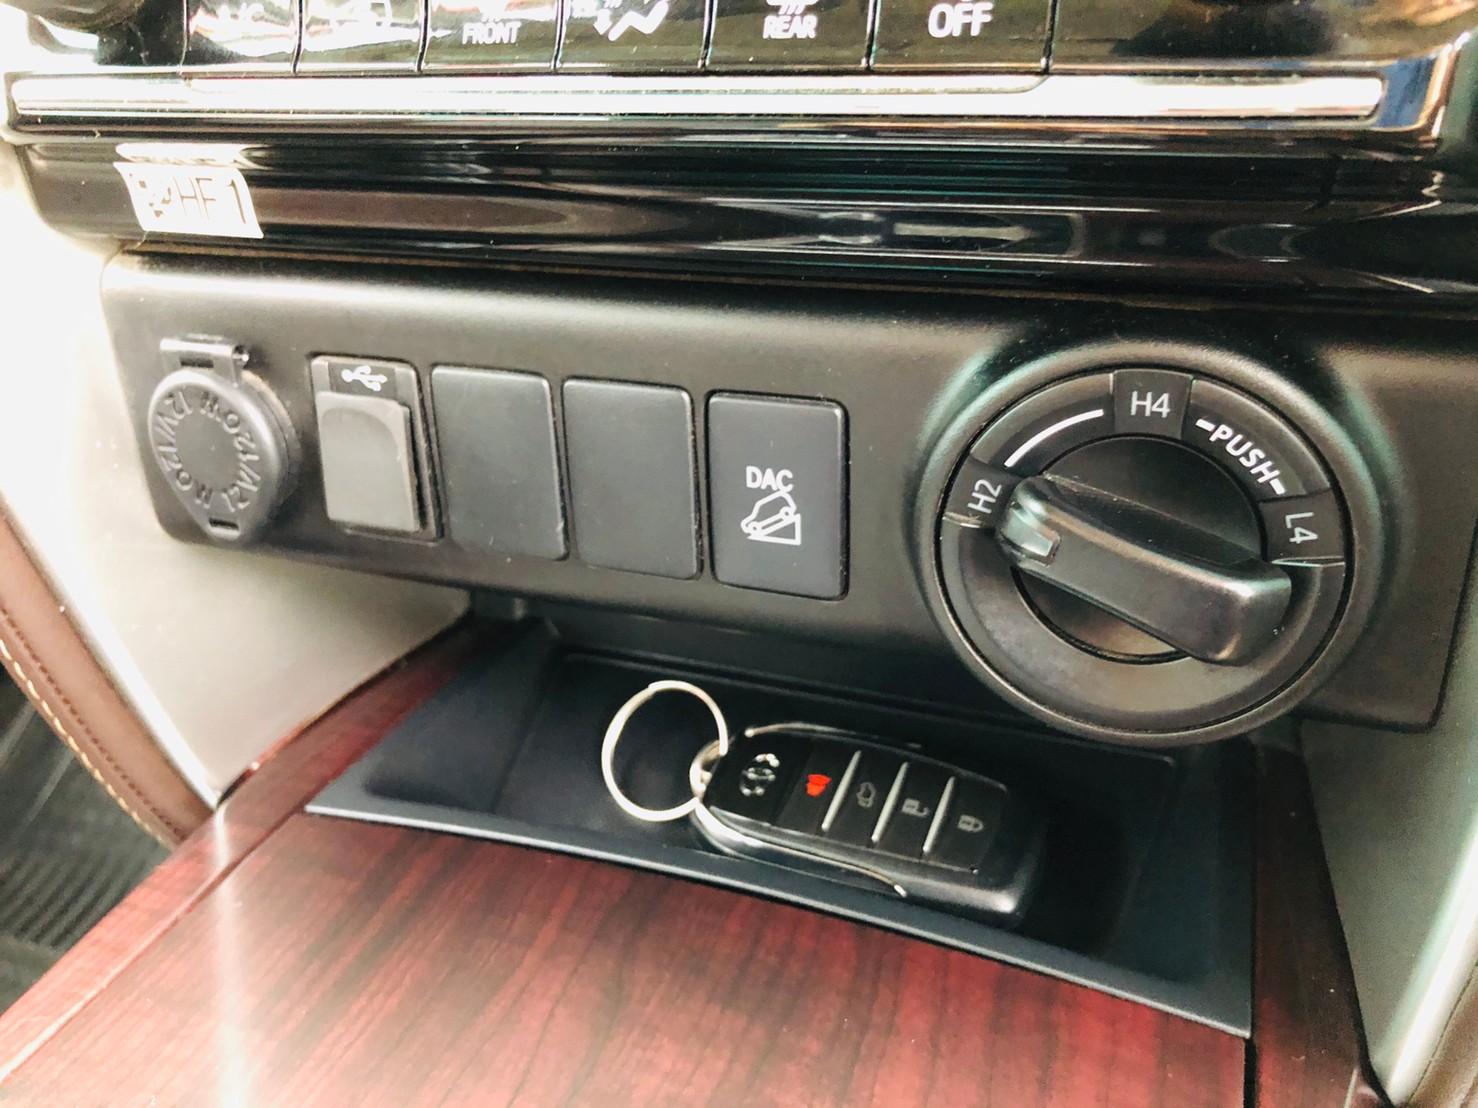 ภาพแอร์ โตโยต้า ฟอร์จูนเนอร์ 2.4 V 4WD ปี 2018